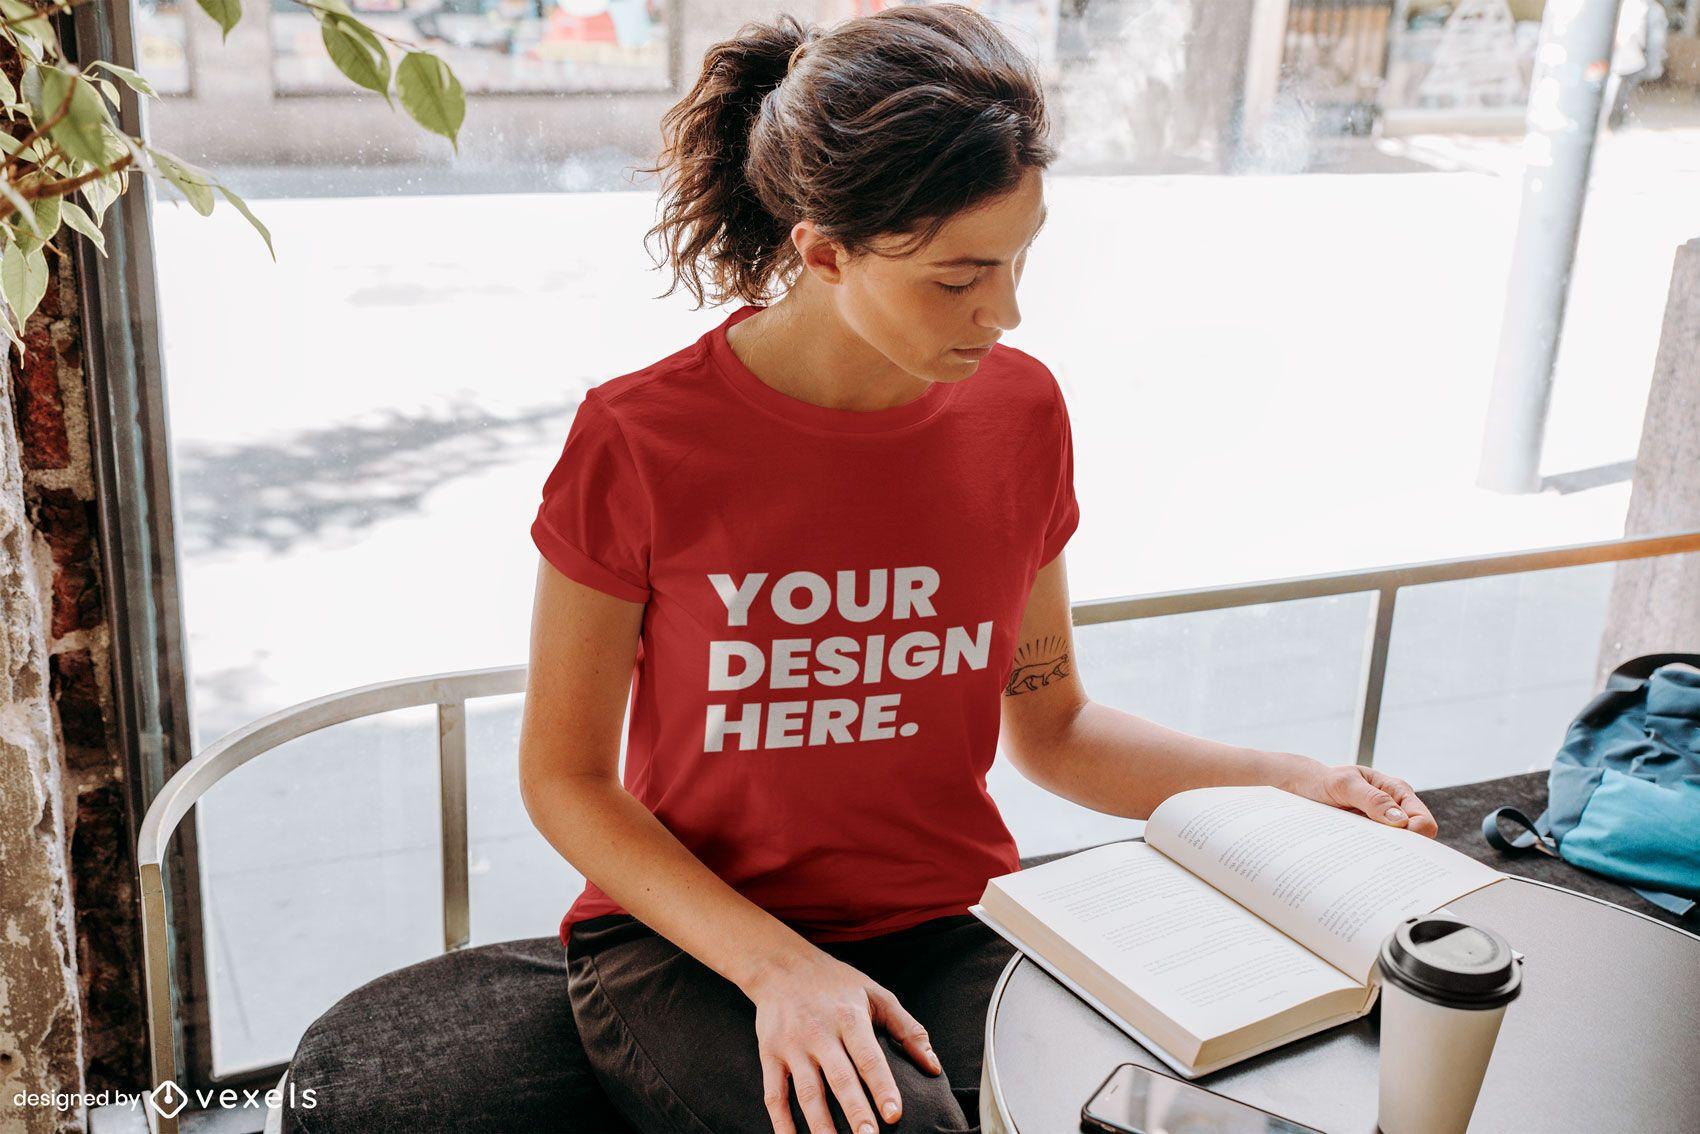 Lesen Frau T-Shirt Modell Design